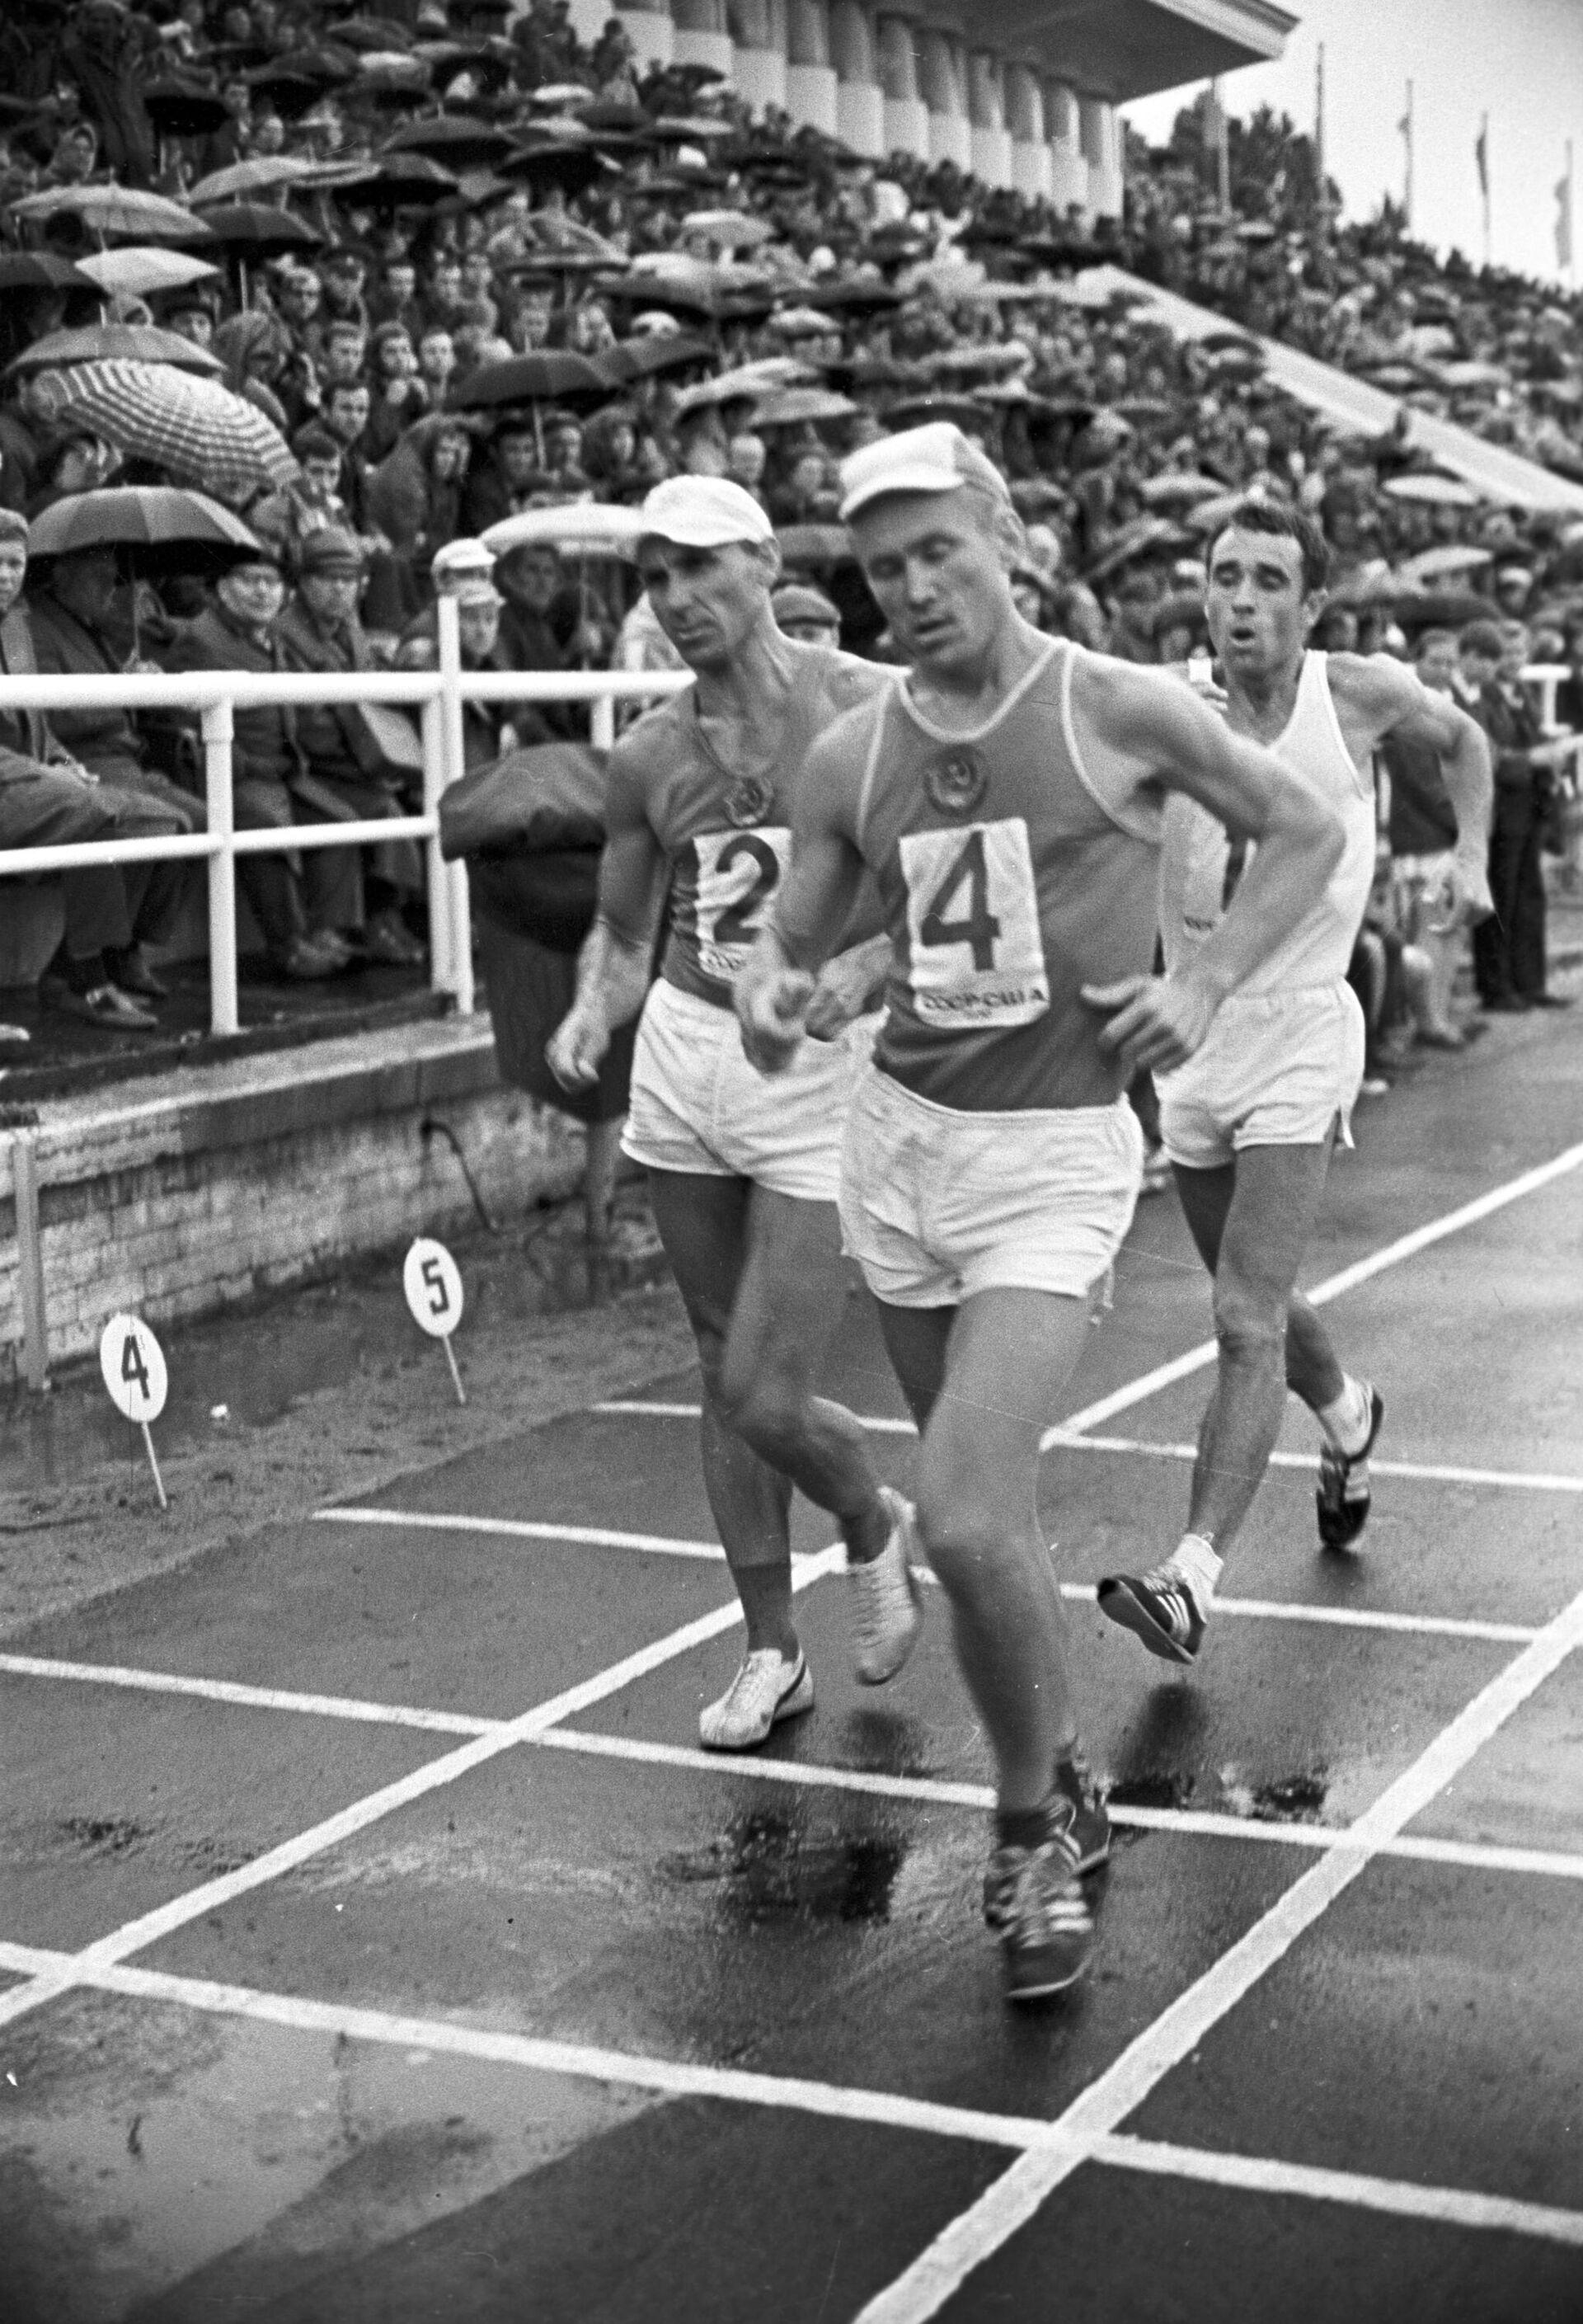 Участники Олимпийских игр 1968 года в Мехико Николай Смага (№4) и Владимир Голубничий (№2) - РИА Новости, 1920, 12.07.2021